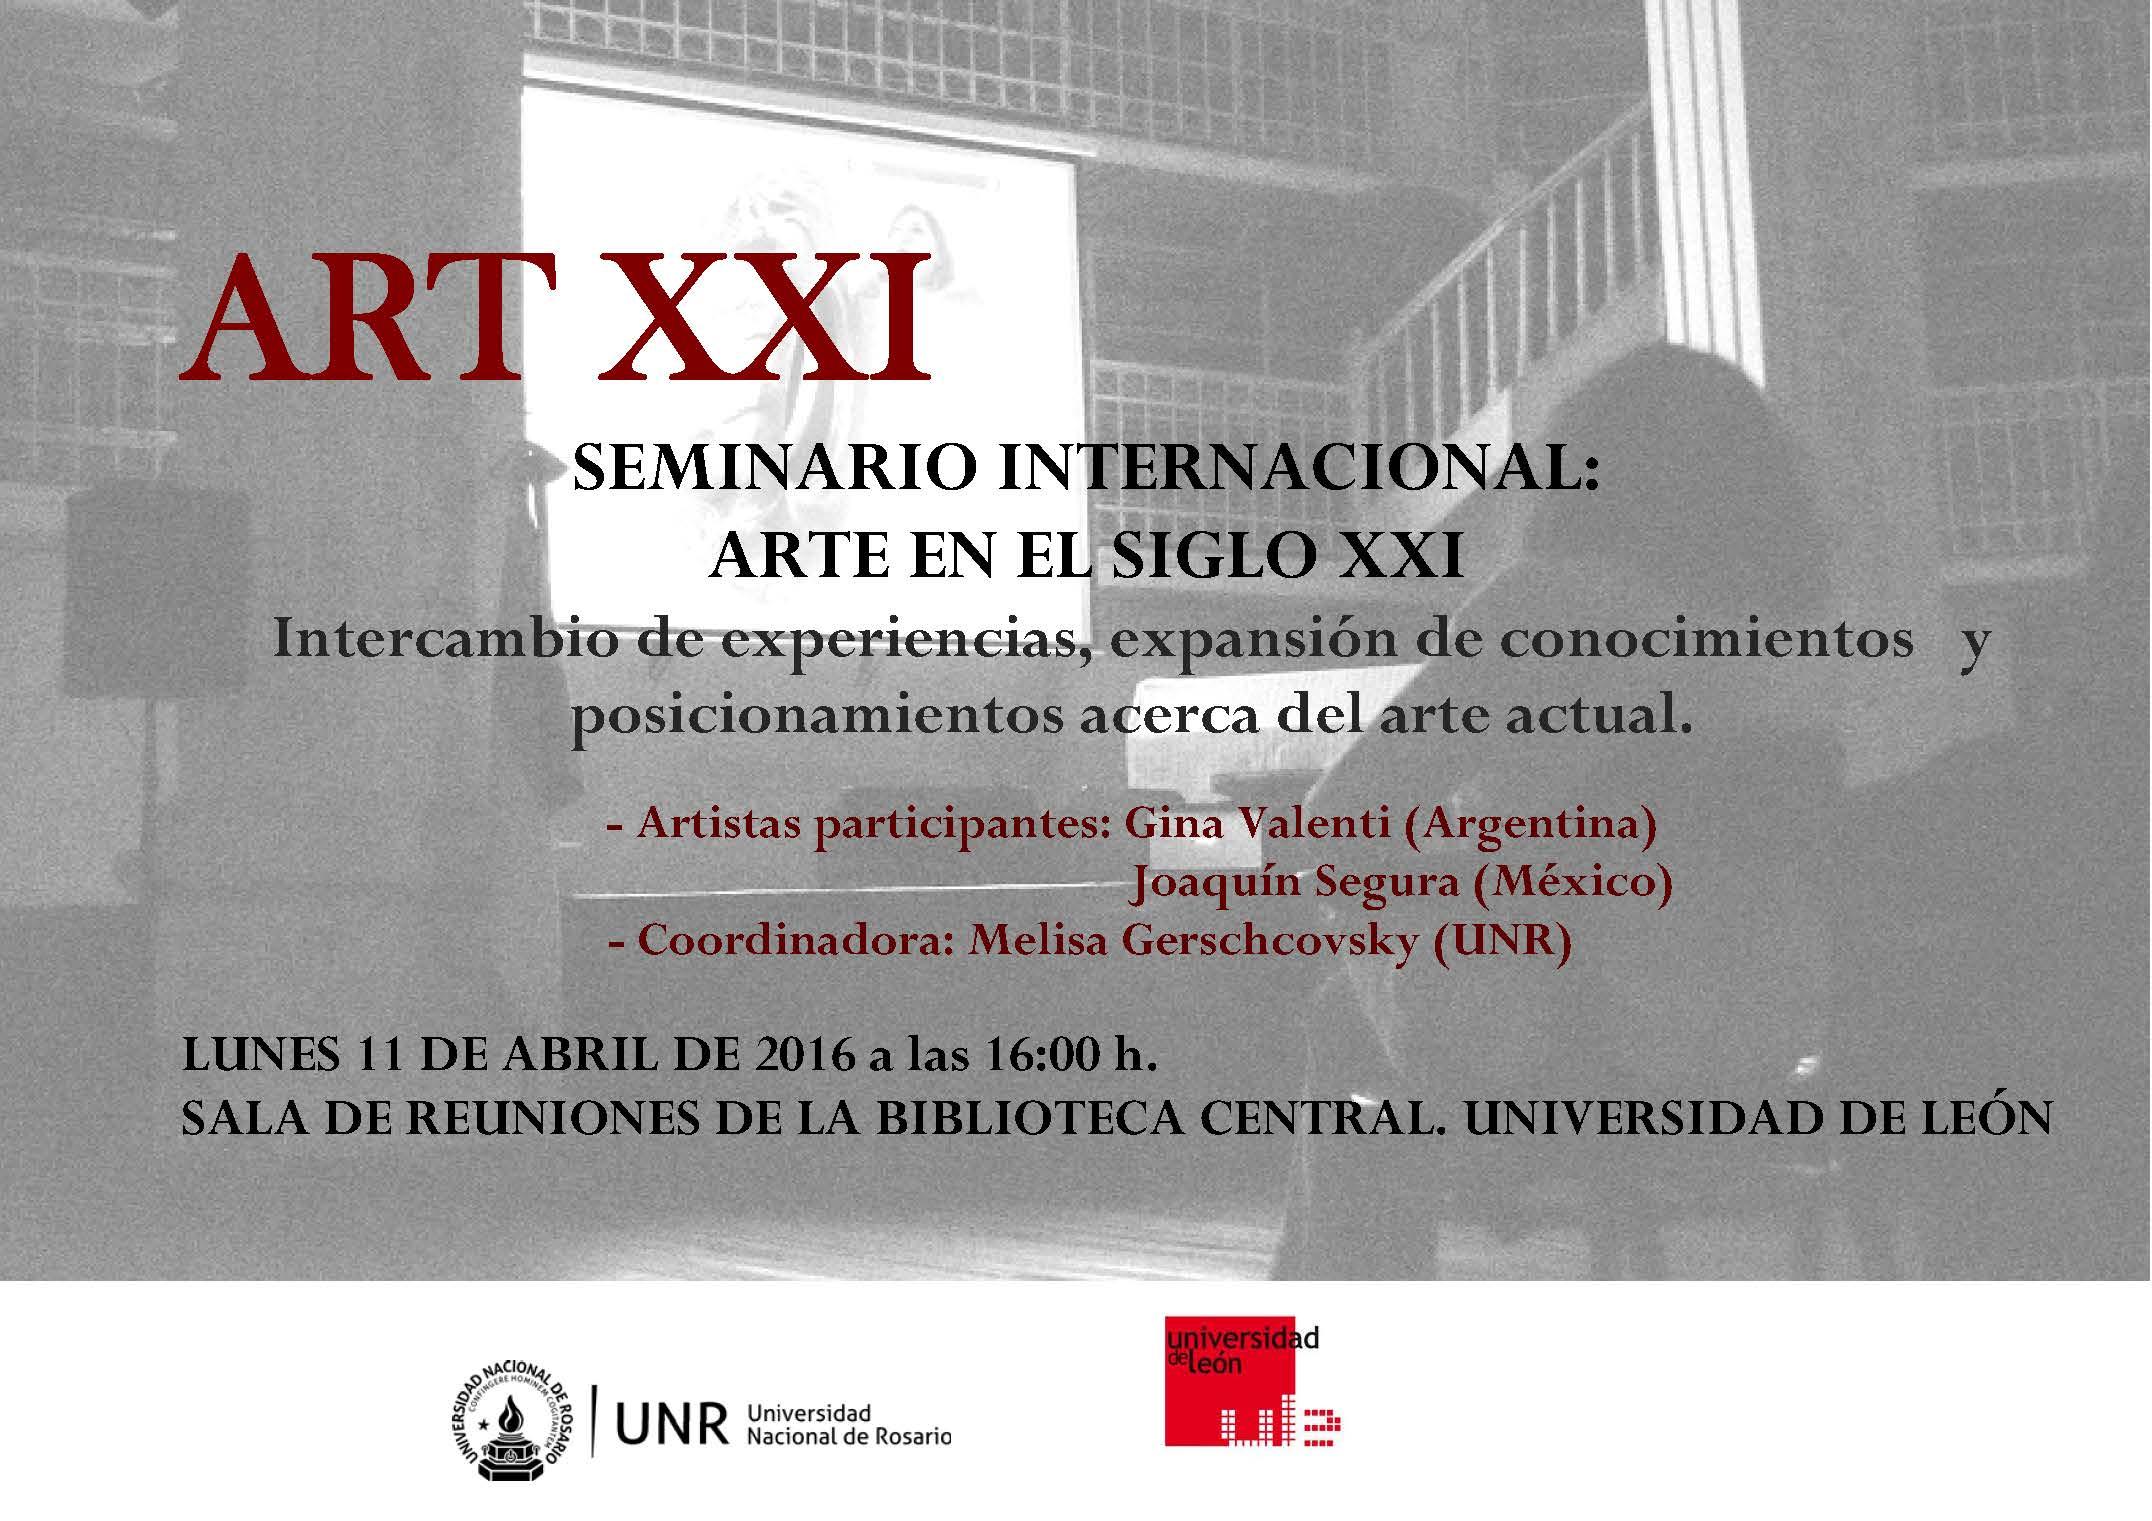 ART XXI